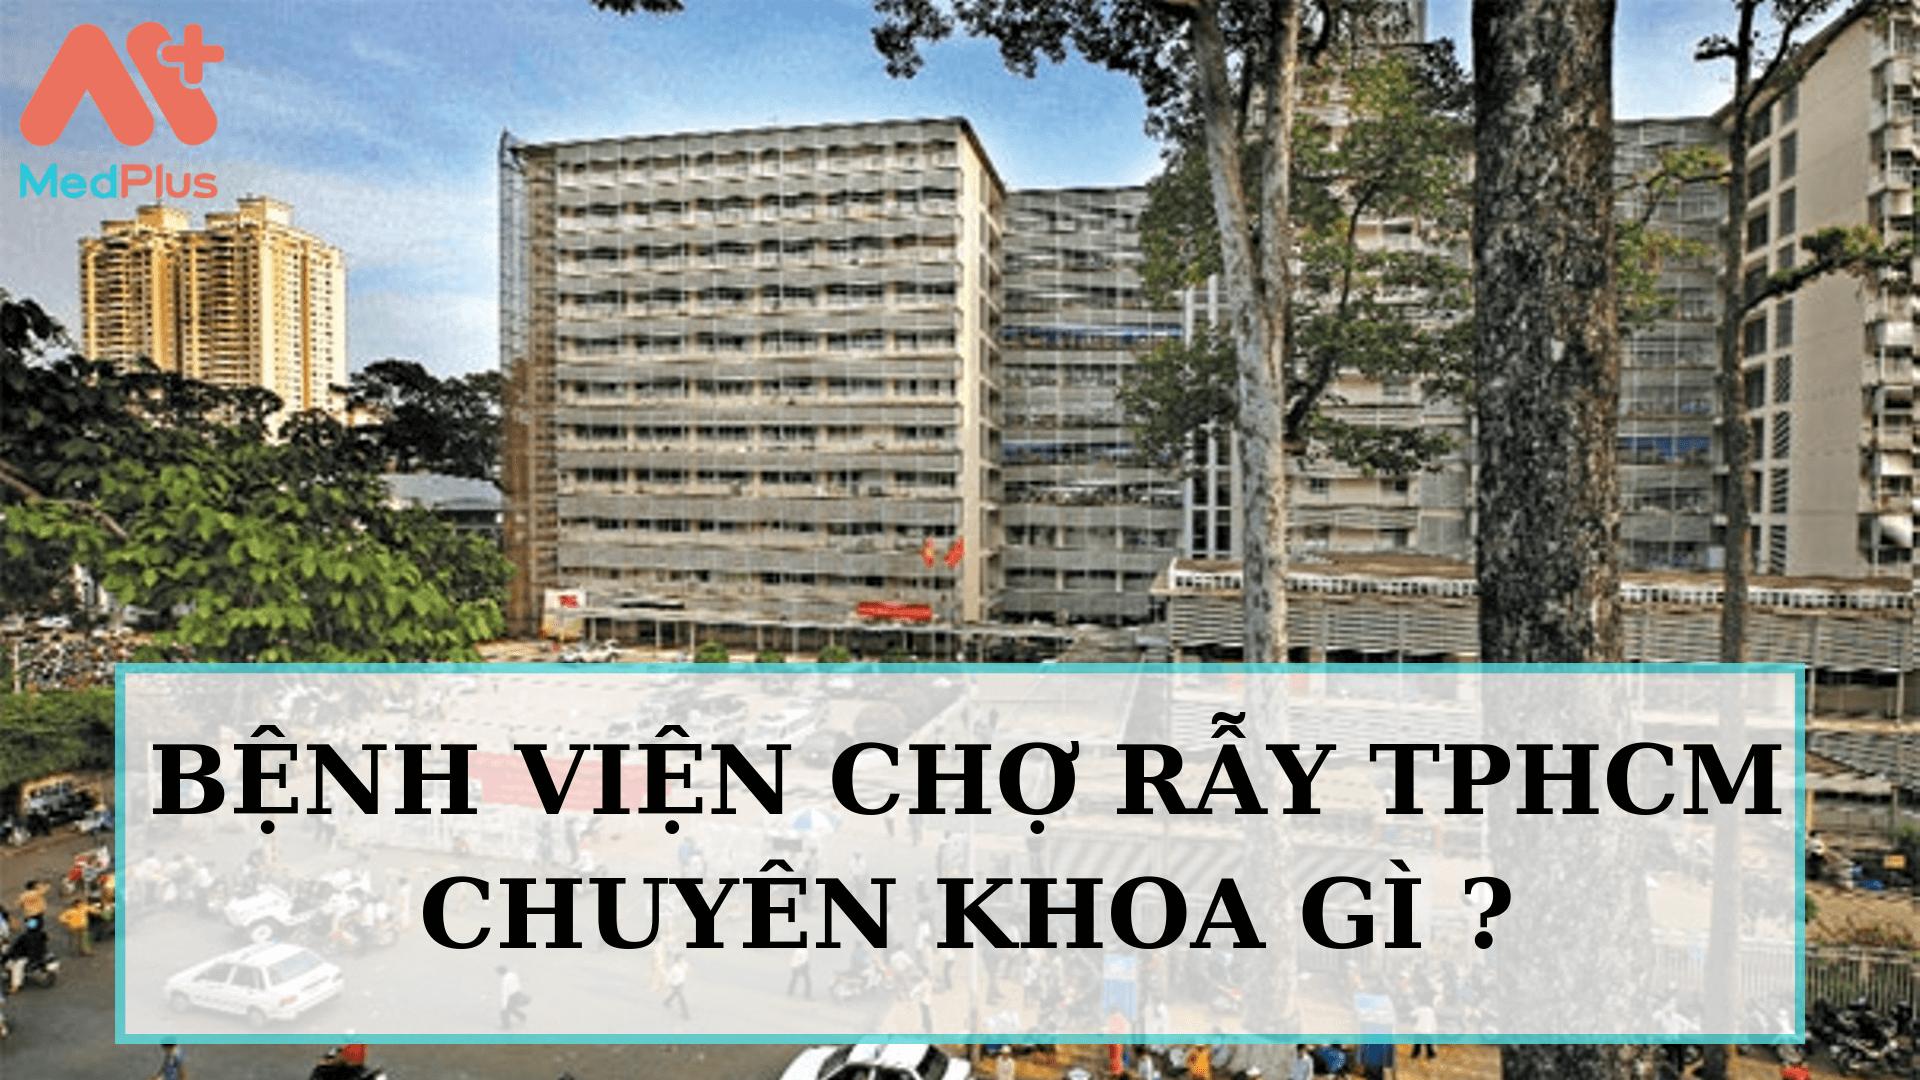 Bệnh viện Chợ Rẫy TPHCM